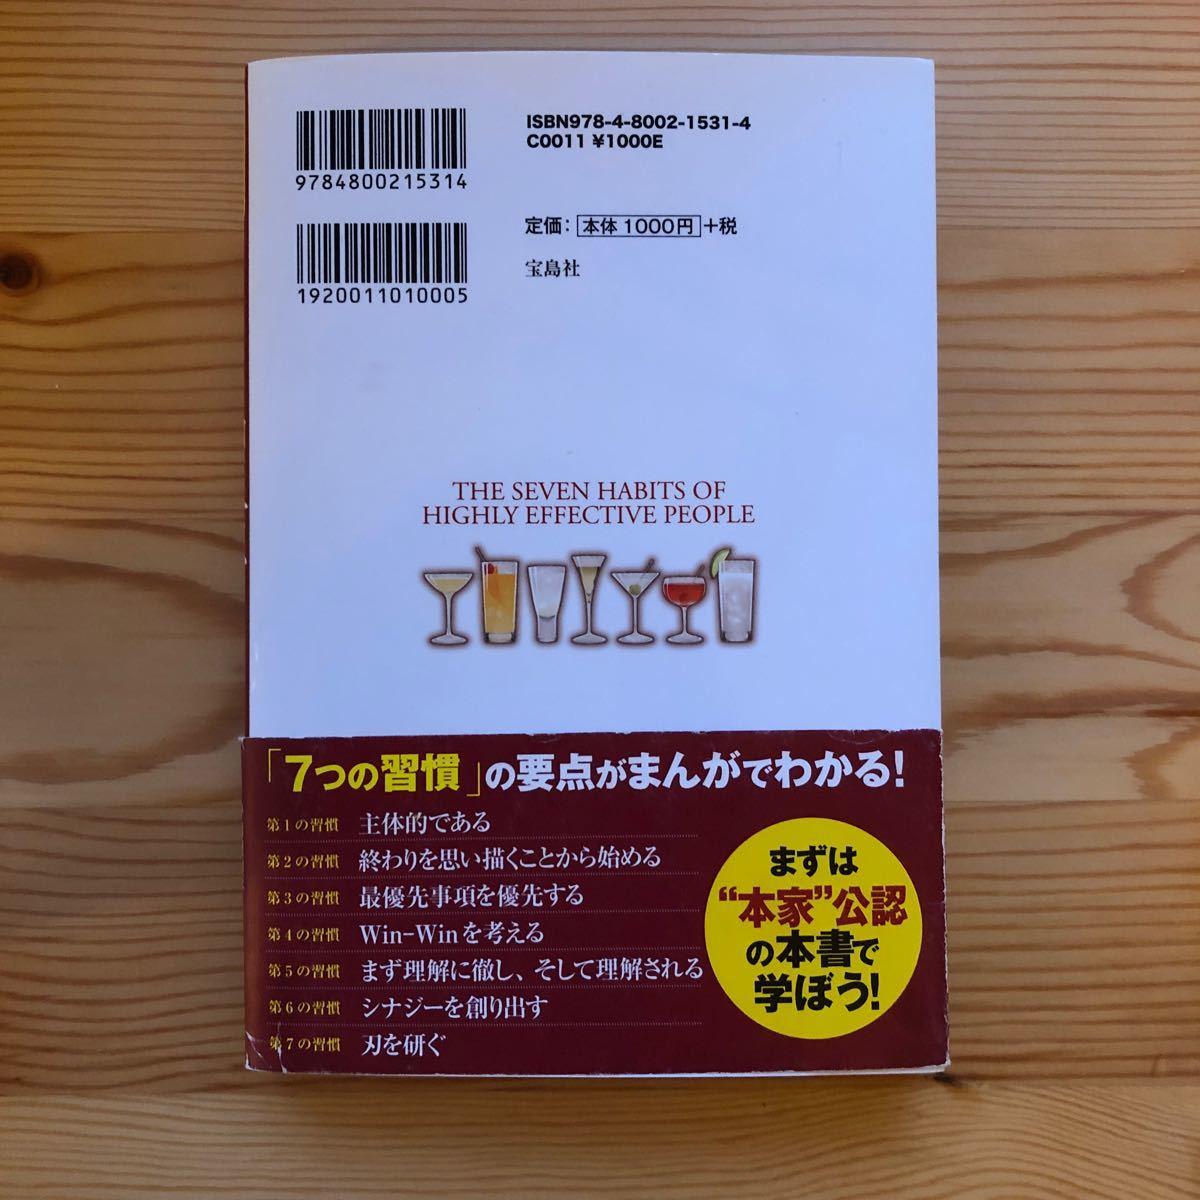 まんがでわかる7つの習慣 4冊セット 美品 著/フランクリンコヴィージャパン